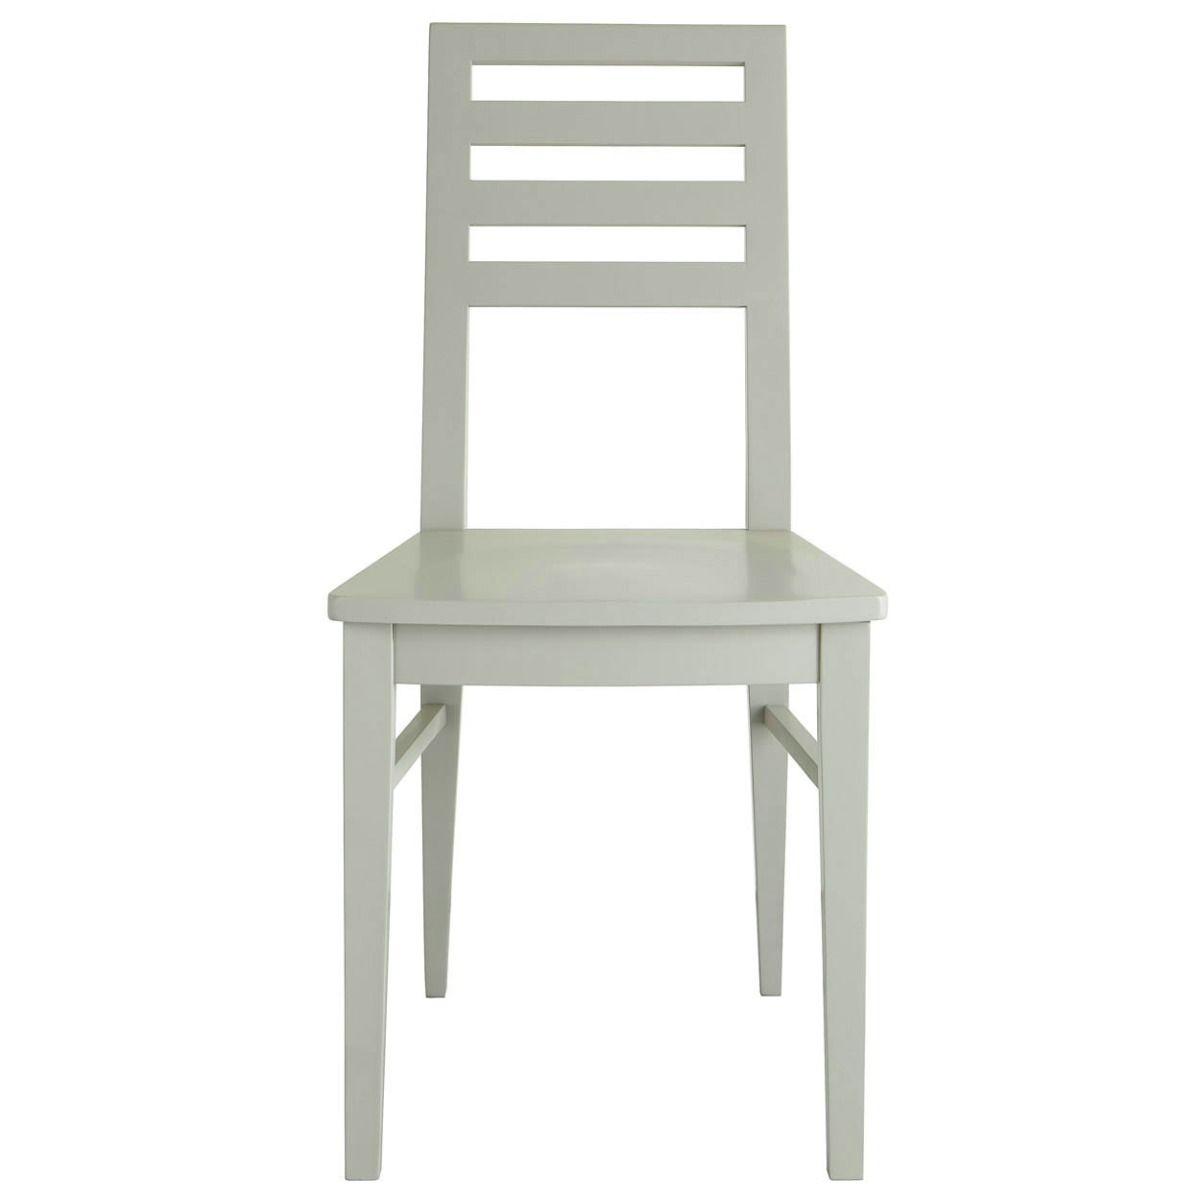 Fargo Ladderback Chair - Farleigh Grey by Little Folks